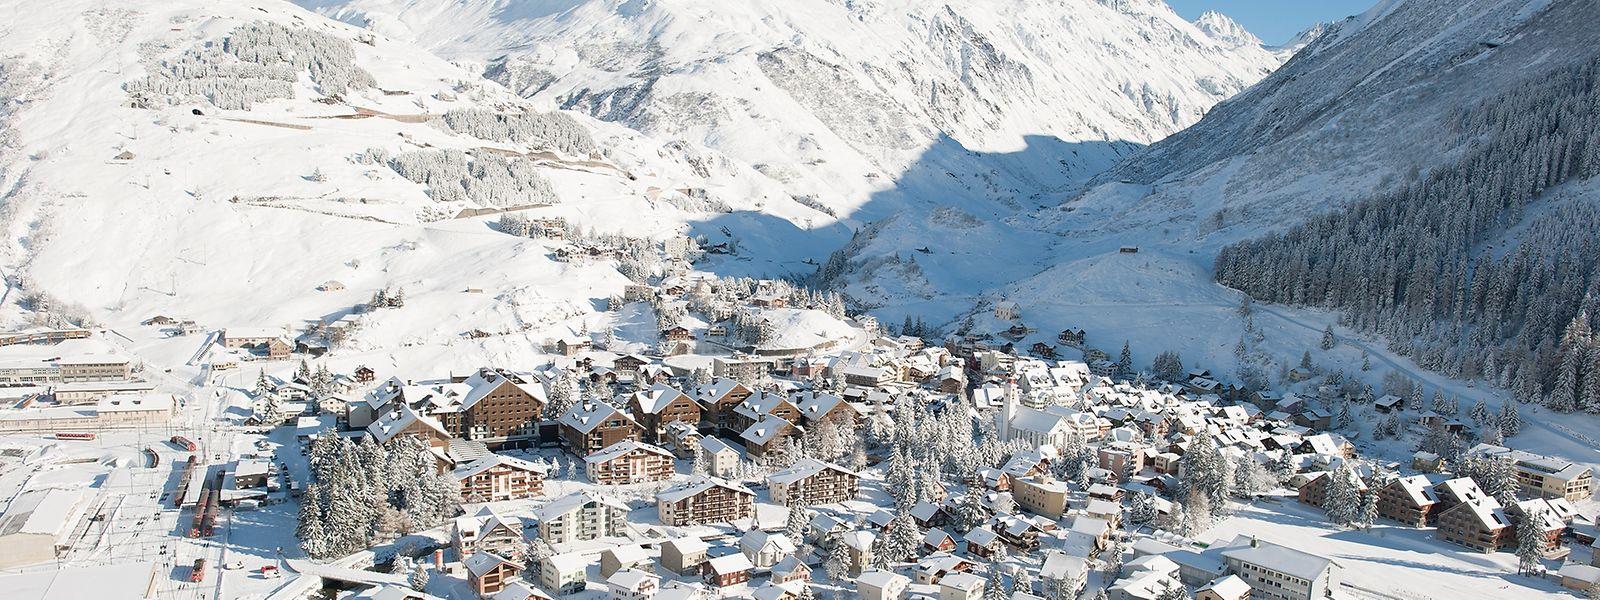 Der Schweizer Ort Andermatt erwacht derzeit aus seinem jahrzehntelangen Winterschlaf – und rüstet sich für die Touristenscharen, die in den kommenden Jahren erwartet werden.